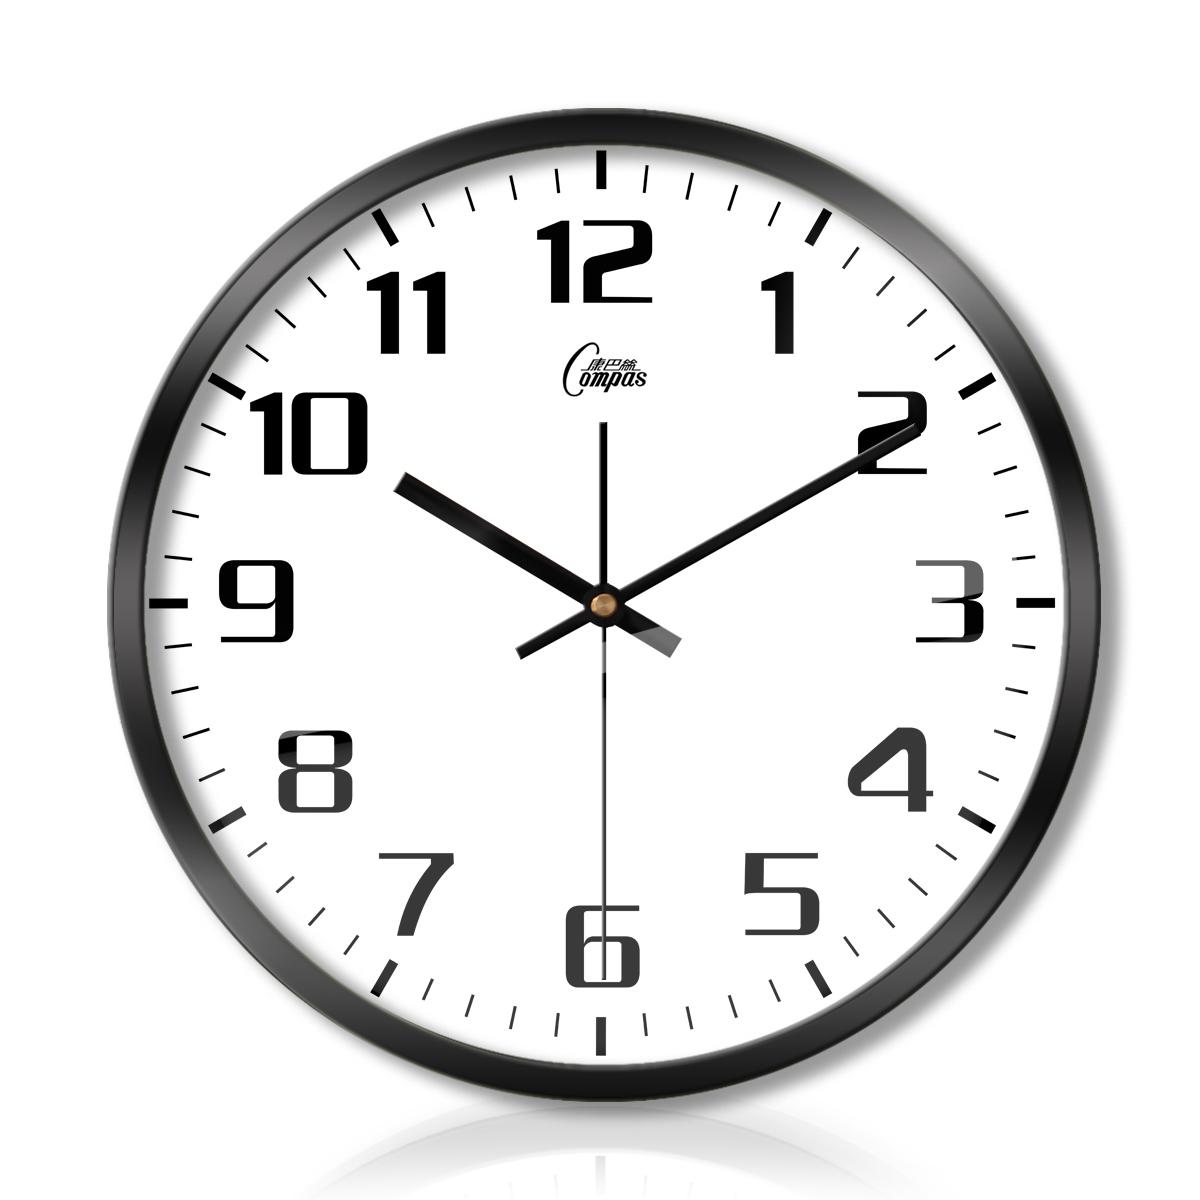 Мир пакистан провод часы настенные часы гостиная спальня немой сканирование металл кварц колокол творческий просто мода стена колокол 401